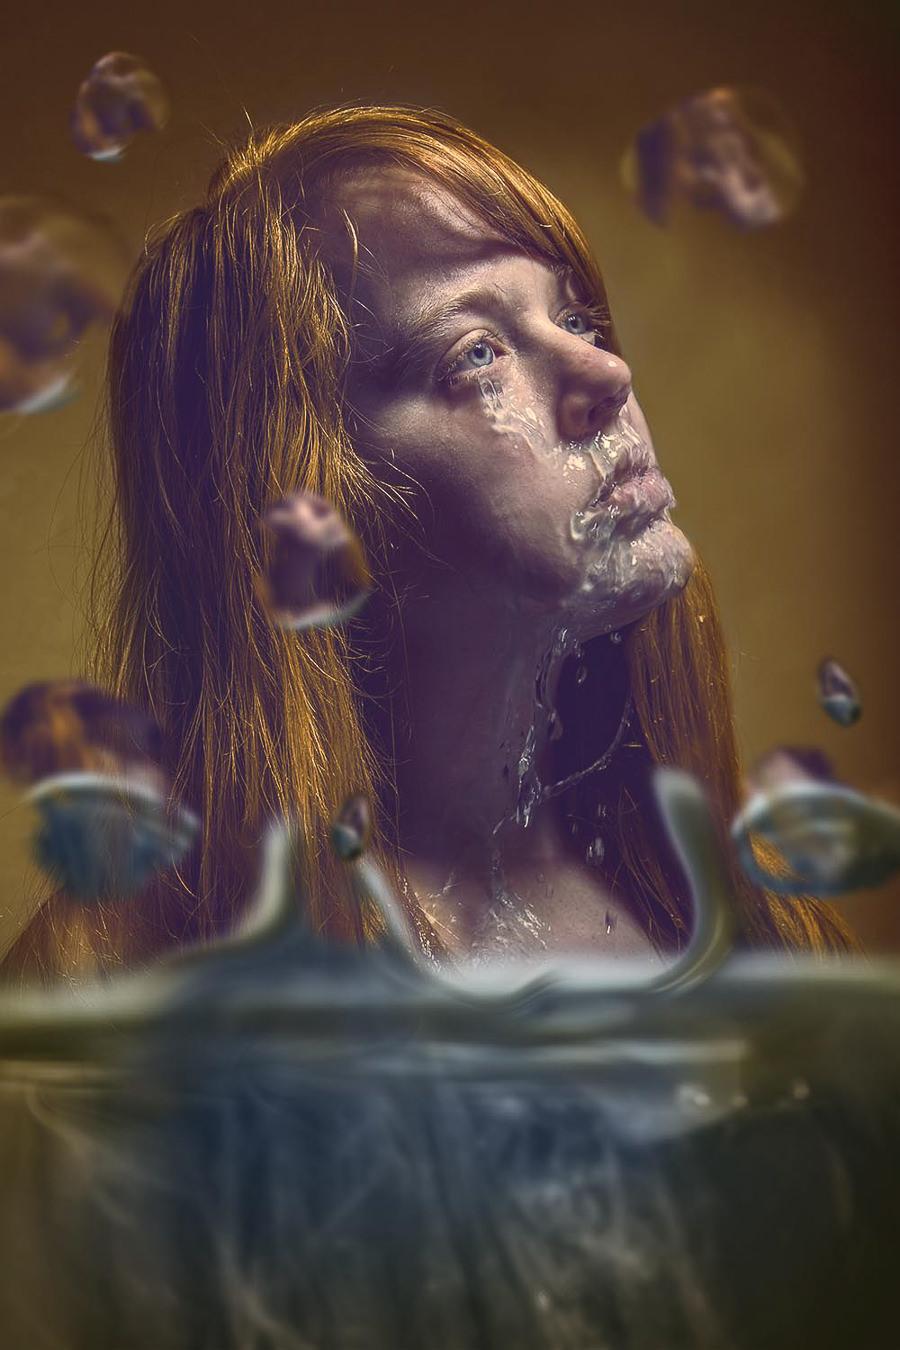 Tears by Katelin Kinney